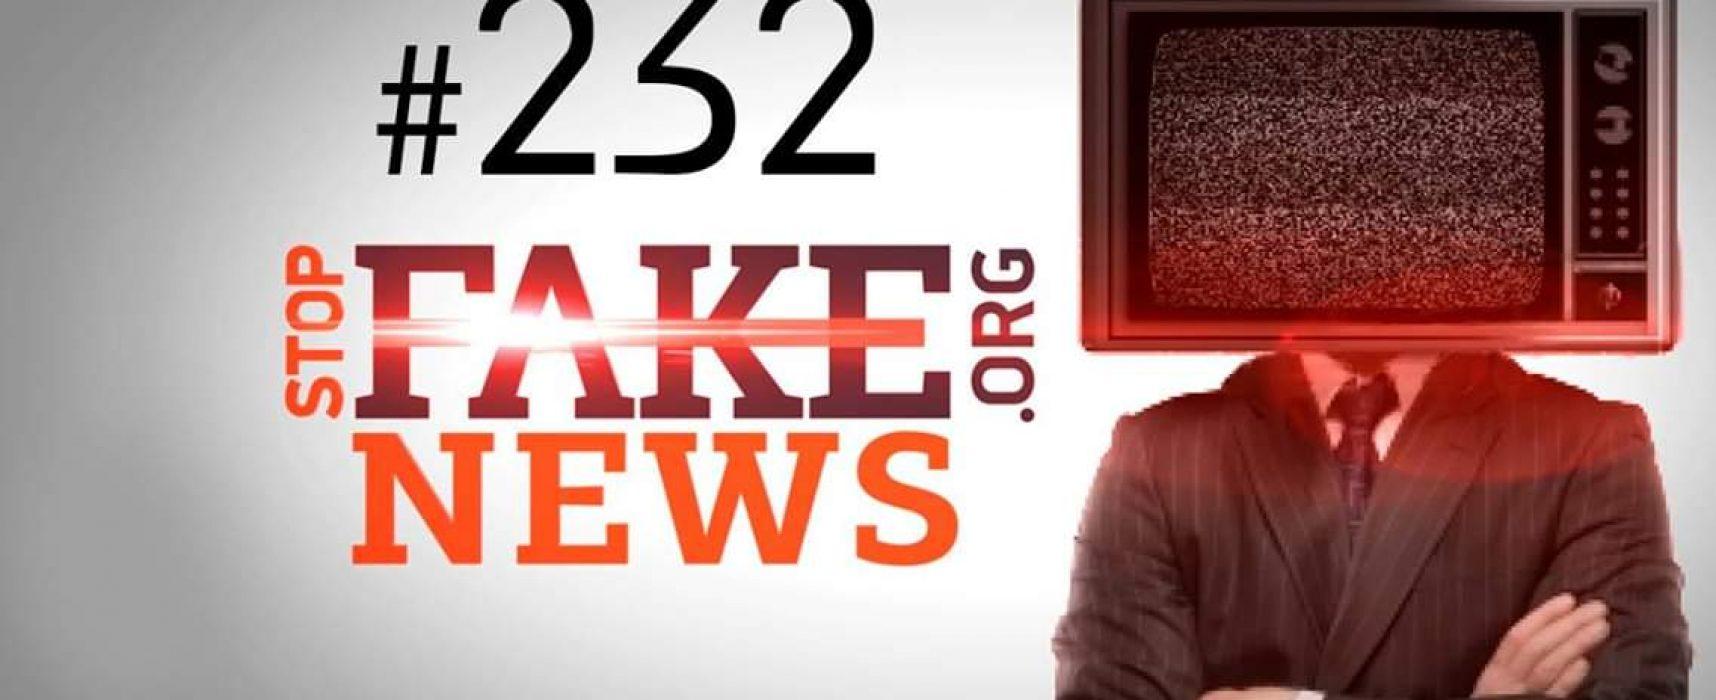 Co rosyjskie media pisały o zabójstwach w Kerczu – SFN #232